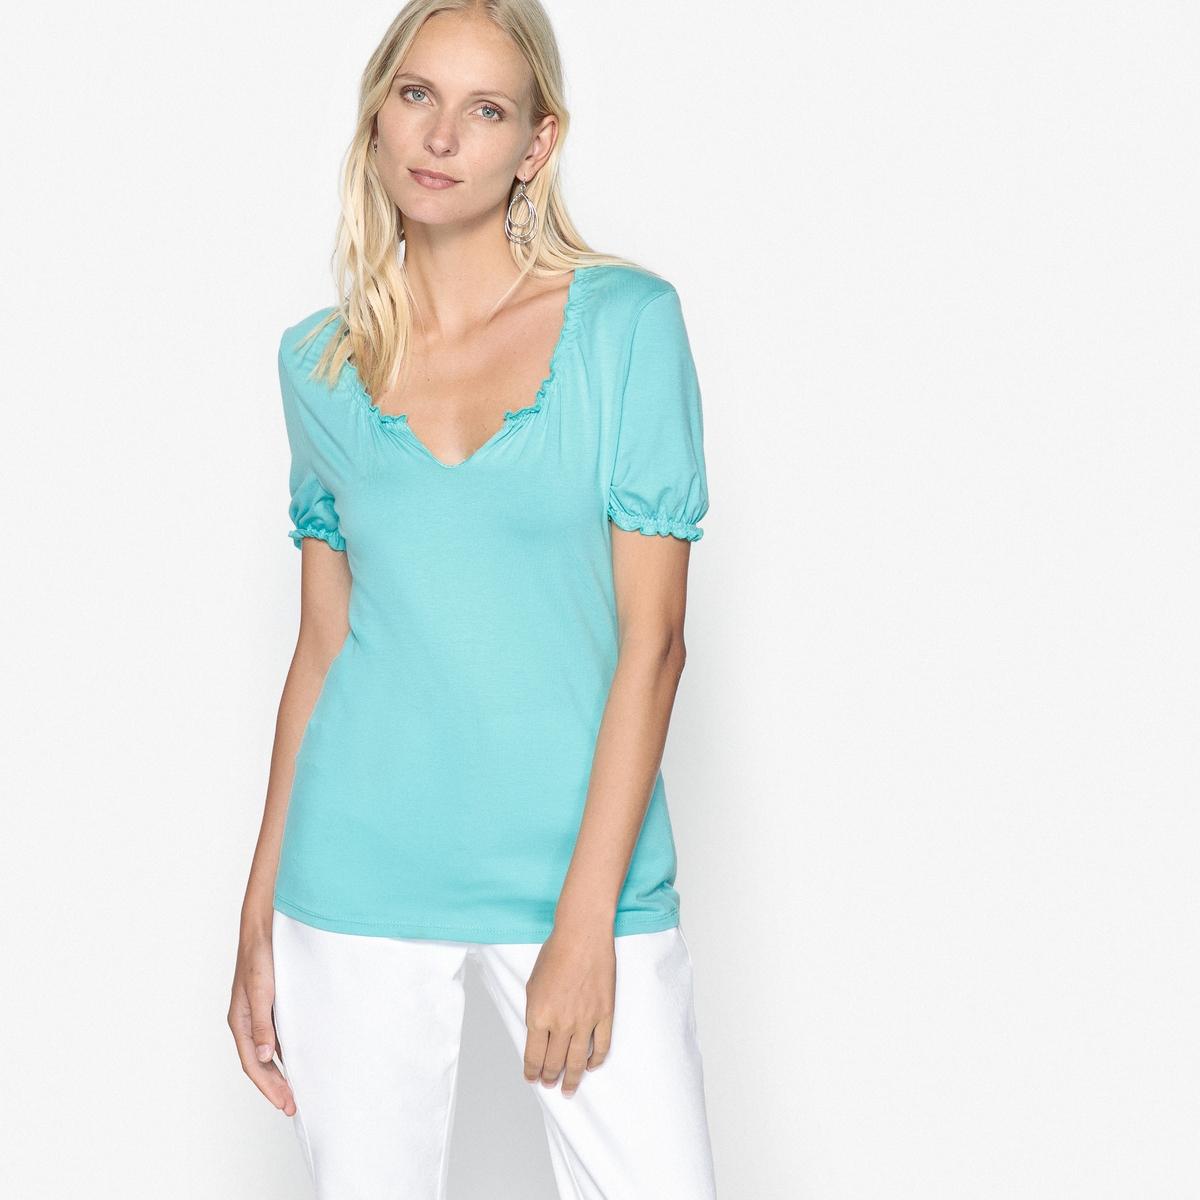 T-shirt fantasia, malha suave